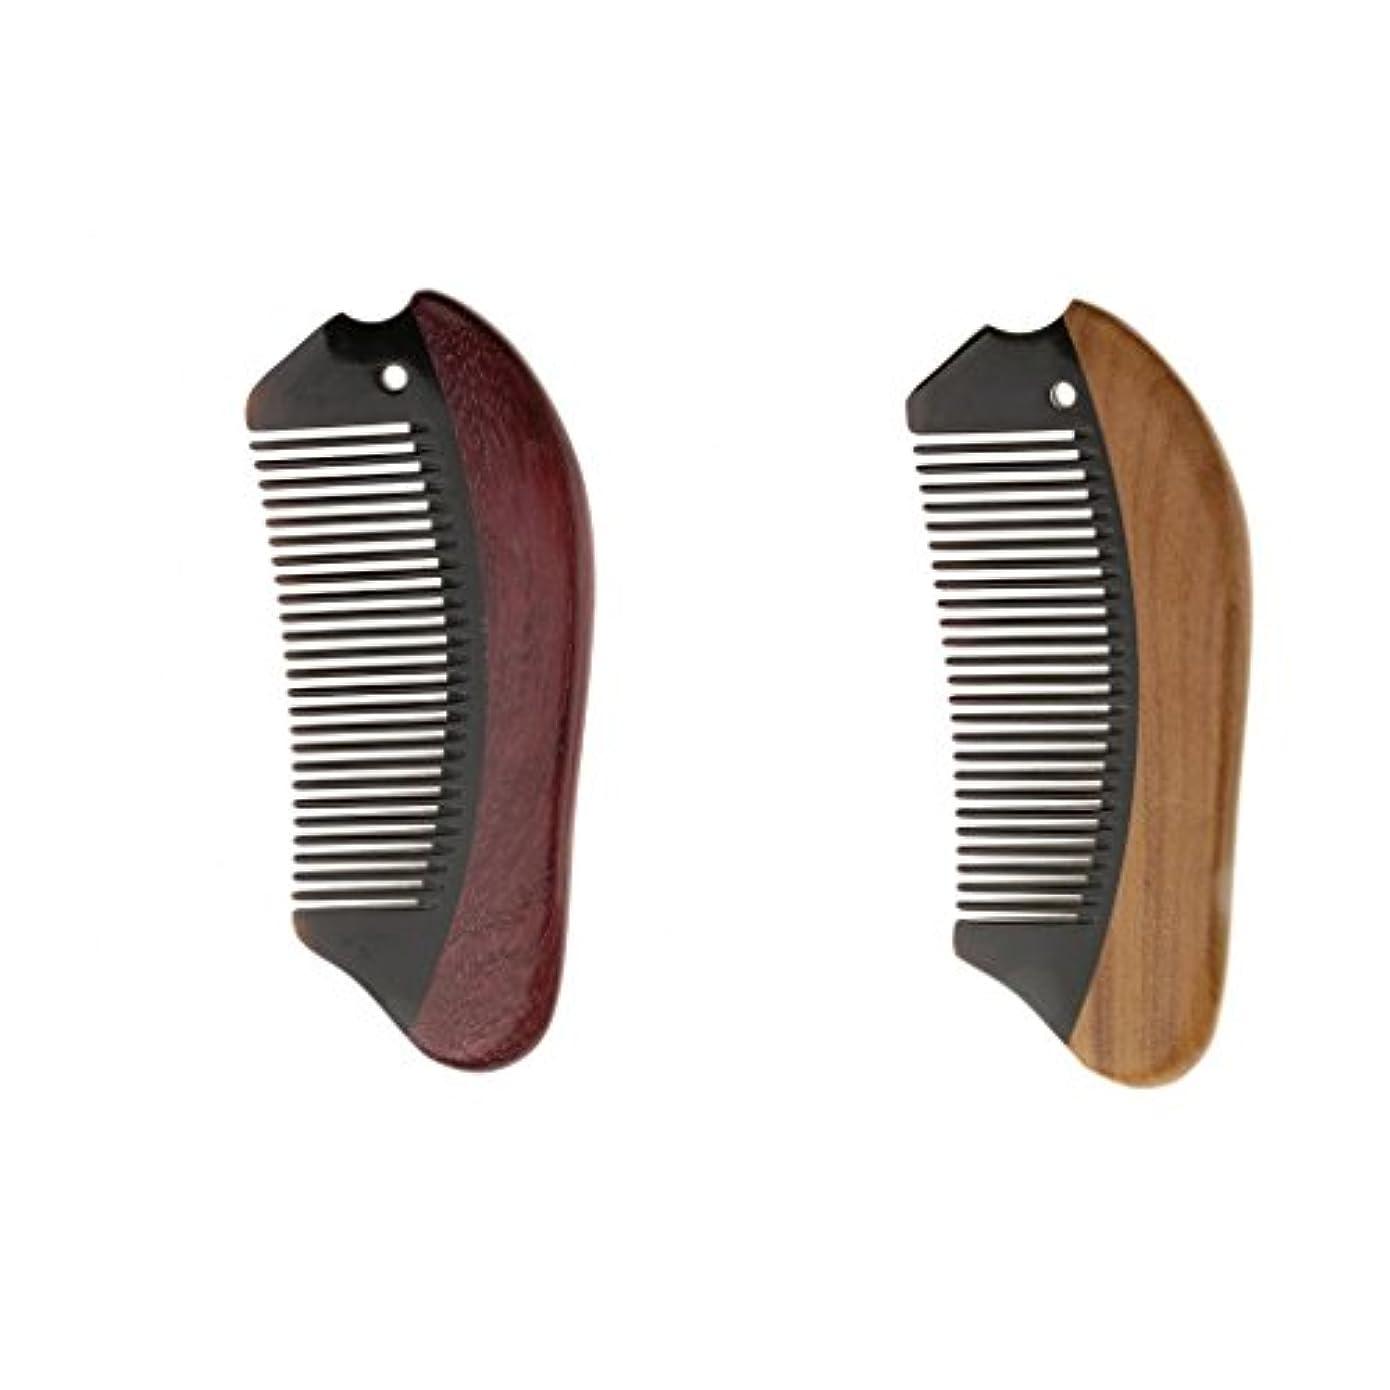 サミュエルおしゃれな落ち着くPerfk 2個 木製 櫛 コーム 静電気防止 ウッド マッサージ 高品質